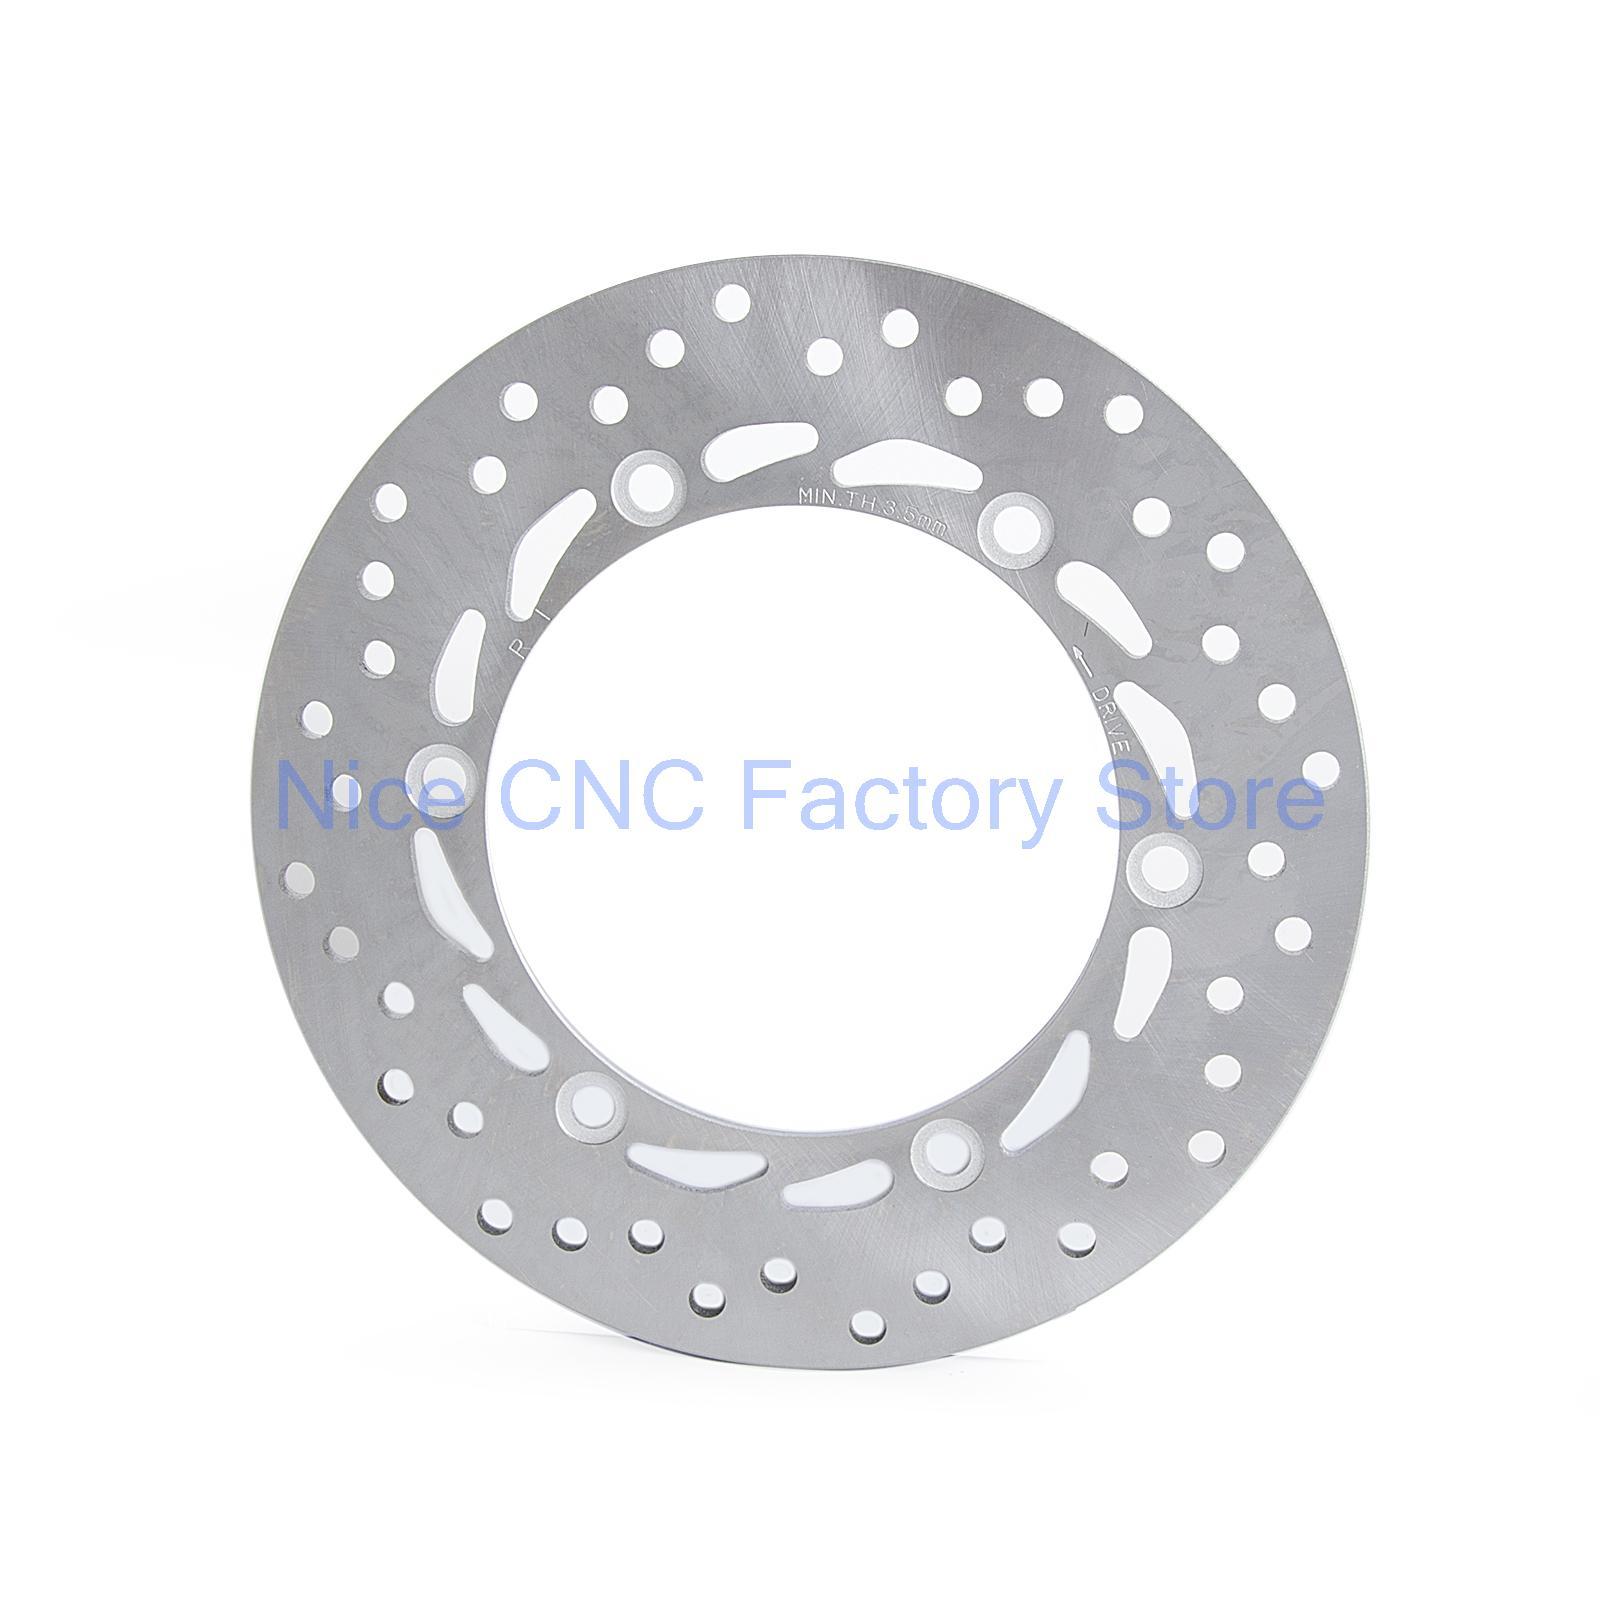 Front Brake Disc Rotor Steel Fits For Honda CBR250 CBR750 CBR1000 CBR1100 NS250 NS400 FJS400 FJS600 VFR400 VFR750 VF500